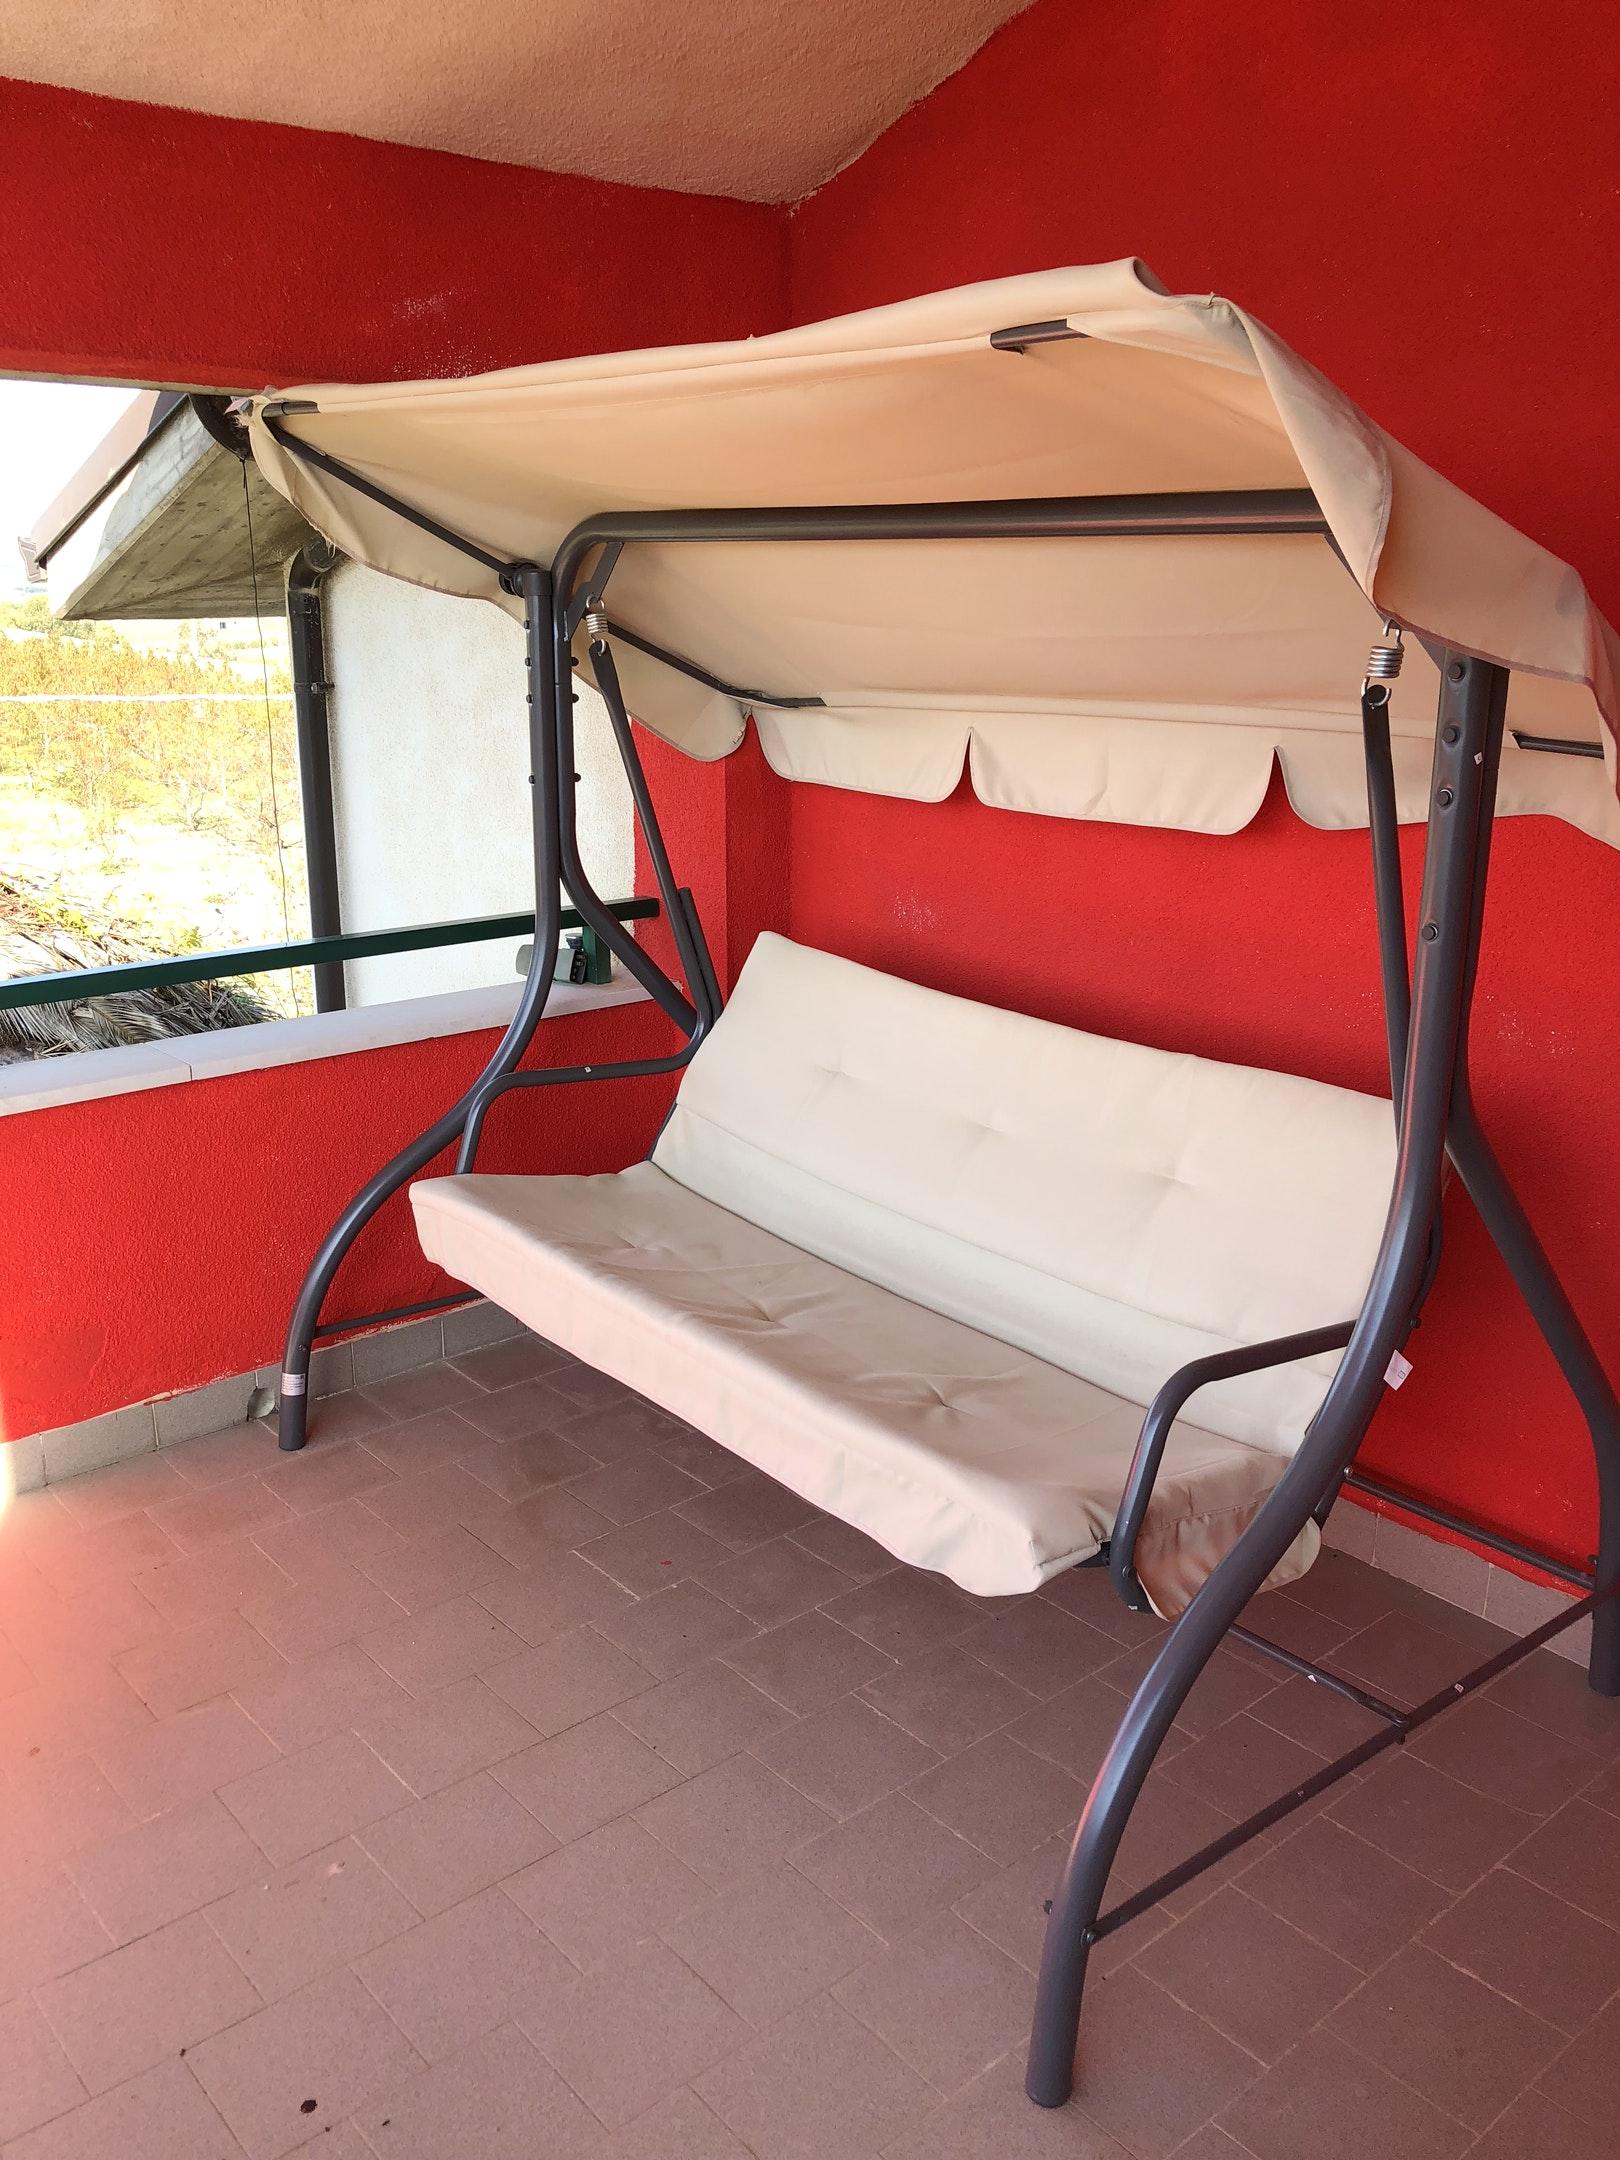 Ferienhaus Haus mit 3 Schlafzimmern in Montenero di bisaccia mit herrlichem Meerblick und eingezäunte (2524275), Montenero di Bisaccia, Campobasso, Molise, Italien, Bild 4